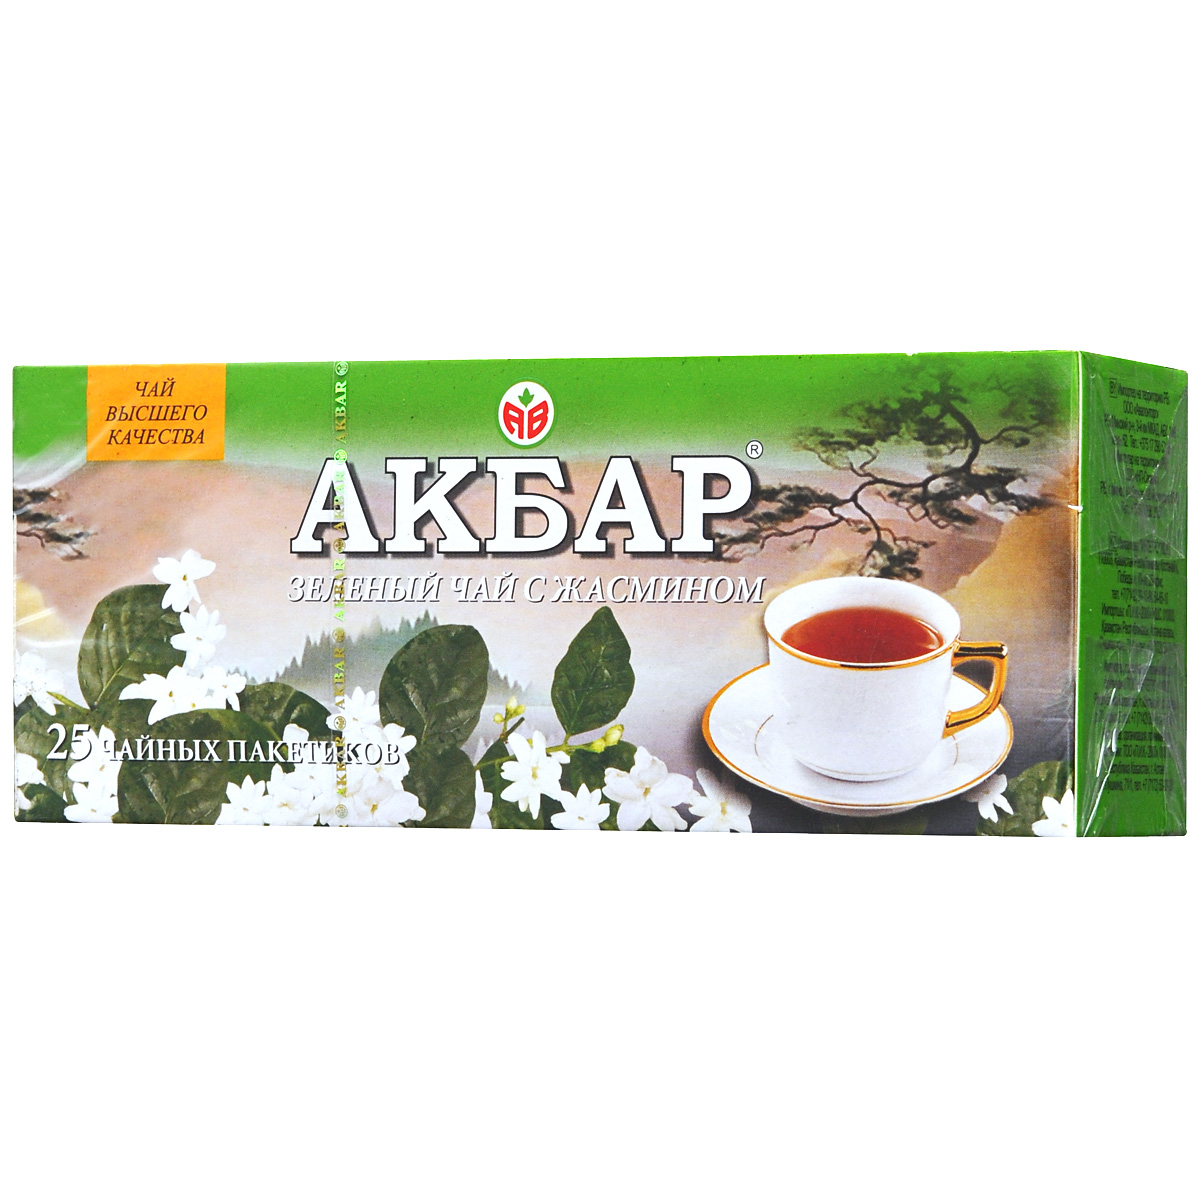 Akbar зеленый ароматизированный чай с жасмином в пакетиках, 25 шт1041038Зеленый китайский чай Akbar с жасмином – отличное средство для снятия стрессов после напряженной работы и больших нервных и физических перегрузок. Бодрящие, придающие жизненные силы свойства этого чая особенно ярко ощущаются в послеобеденной чашке этого напитка.Зеленый чай Akbar с жасмином - один из наиболее популярных в мире ароматизированных чаев. Впервые он появился в III веке нашей эры в Китае, где существует множество рецептов приготовления этого напитка. Тонкий и мягкий аромат жасмина гармонично переплетается со свежестью настоящего зеленого чая, оттеняя, но не заглушая его естественный восхитительный вкус.Всё о чае: сорта, факты, советы по выбору и употреблению. Статья OZON Гид